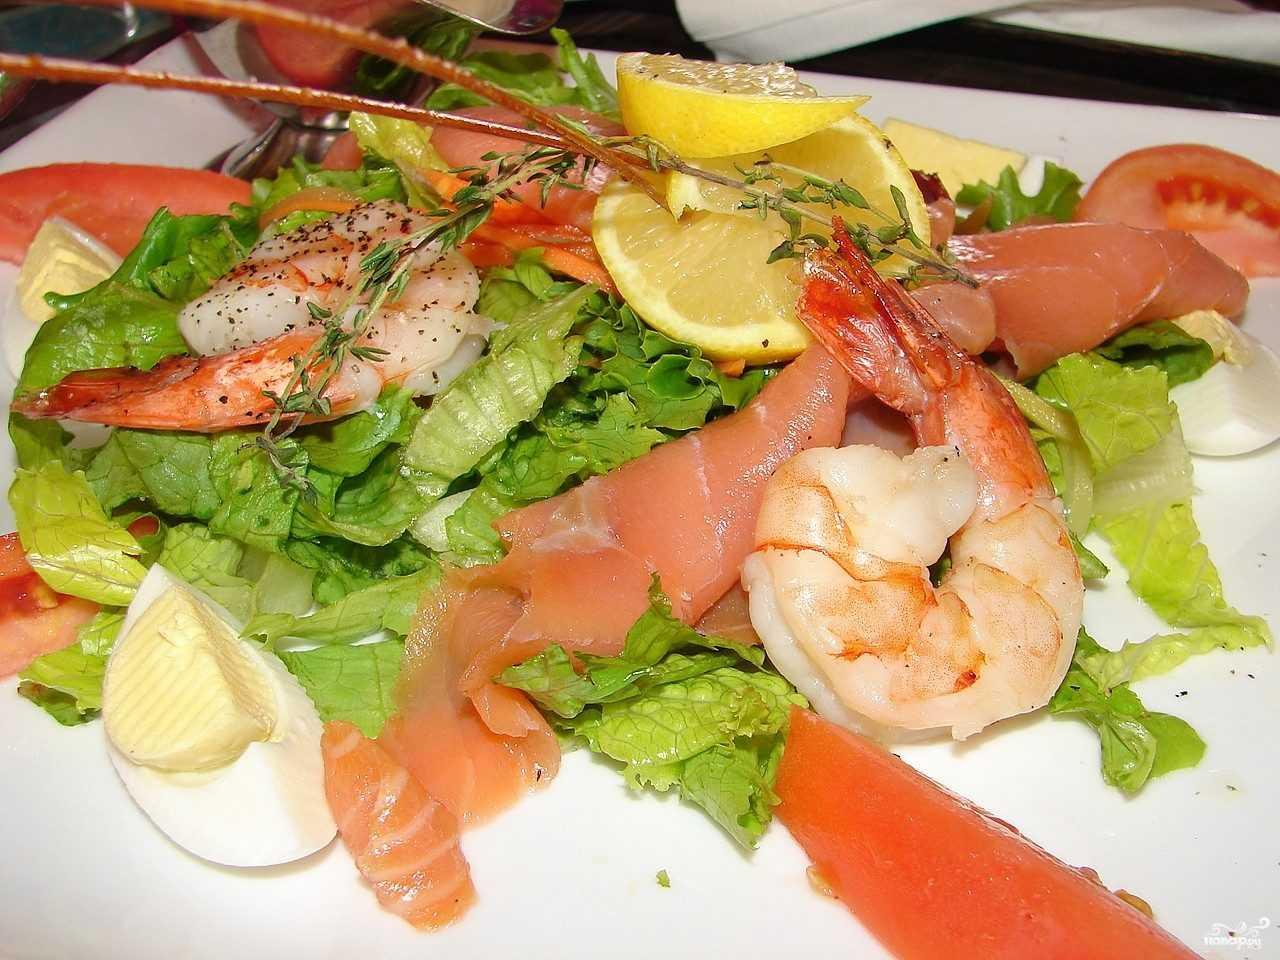 Готовим салат семга креветки: поиск по ингредиентам, советы, отзывы, пошаговые фото, подсчет калорий, удобная печать, изменение порций, похожие рецепты